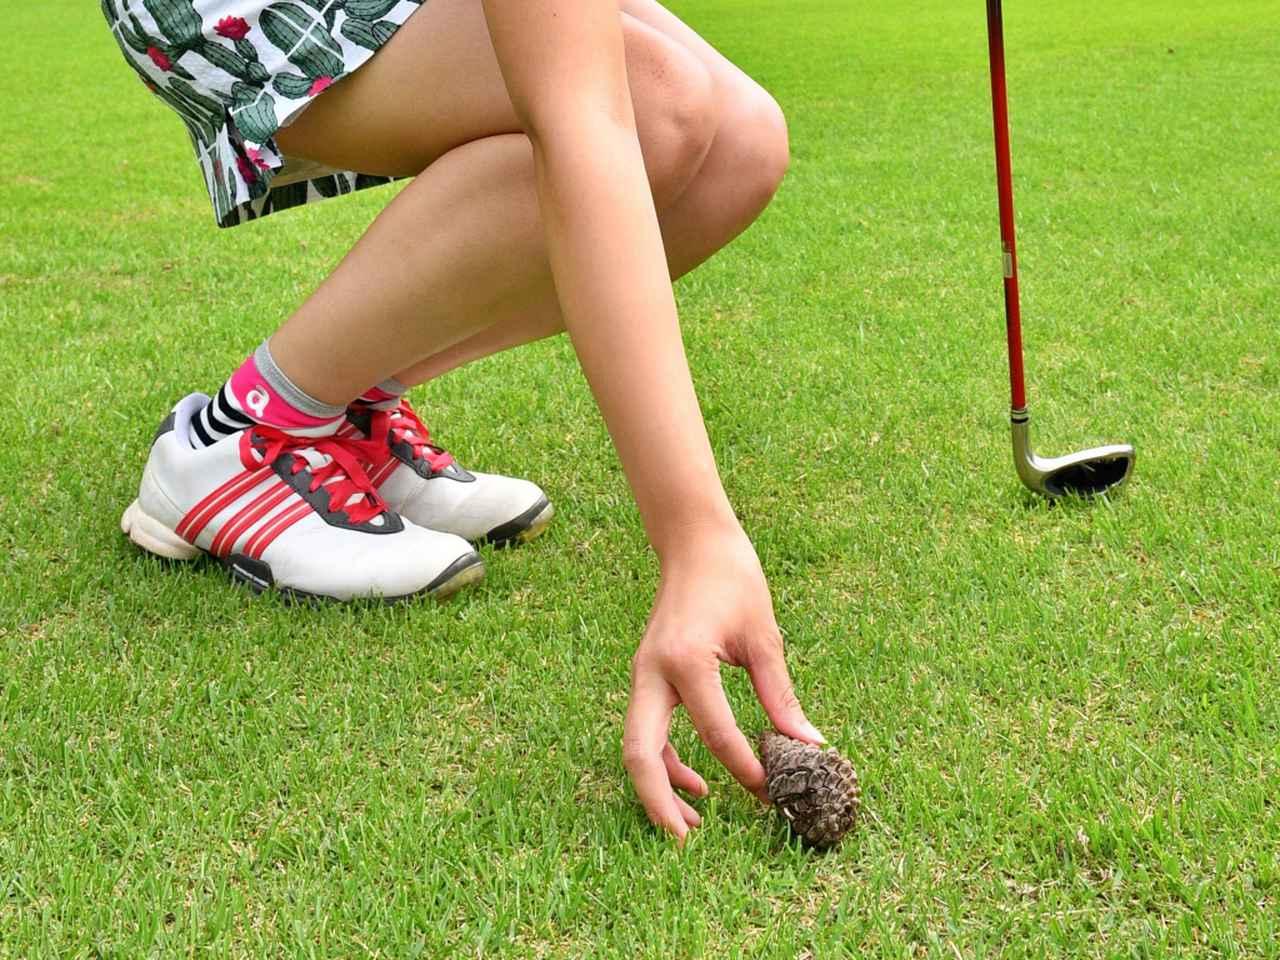 画像8: 【ゴルフルール理解度クイズ】〇か✖か何問正解できる? 新ルールになってはや1年、80点以上で合格